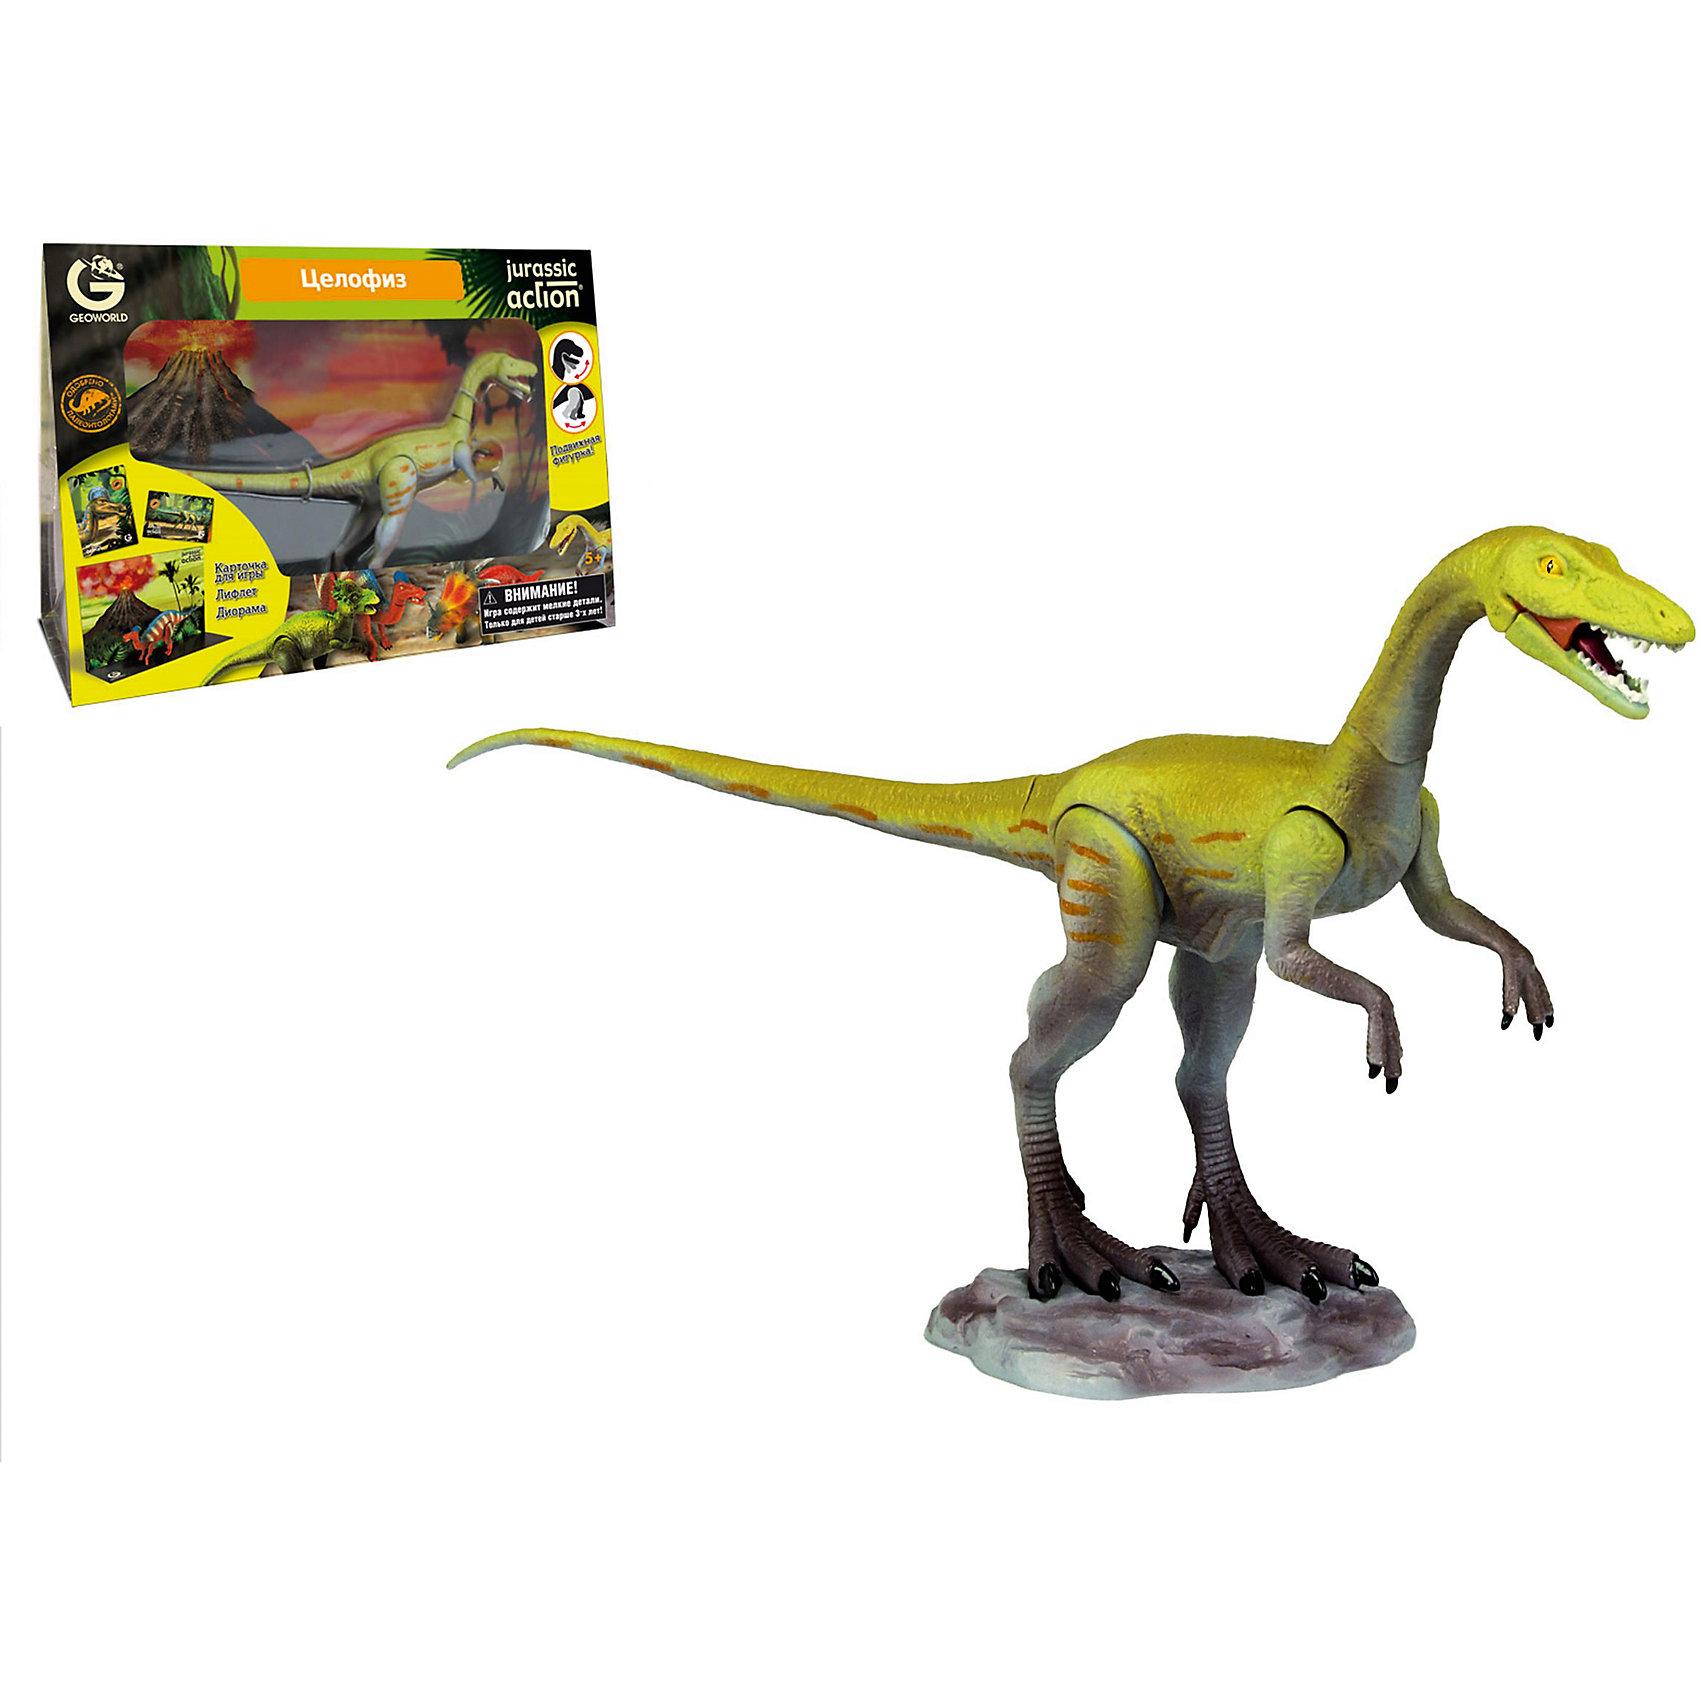 Динозавр Целофиз, коллекция Jurassic Action, GeoworldКомплект: подвижная фигурка динозавра, лифлет с научной информацией, диорама, карточка.<br>Из чего сделана игрушка (состав): ПВХ-пластизоль, картон.<br>Размер коробки (длн-шрн-вст): 33 x 23 x 11 см.<br>Страна обладатель бренда: Италия.<br><br>Фигурка динозавра целофиза выглядит очень правдоподобно и реалистично, а благодаря подвижным конечностям и голове, ей можно придавать различные позы. Карточка динозавра, входящая в комплект, расскажет об особенностях этого древнего ящера, а буклет с интересными фактами добавит захватывающей информации для чтения. Фигурка входит в серию Jurassic Action, состоящую из 24 наборов с разными динозаврами. Соберите их всех!<br>В наборе найдется и диорама, складывающаяся из коробки и показывающая доисторический ландшафт, по которому мог бы гулять целофиз.<br>Наборы Geoworld разрабатываются под тщательным руководством ученых-палеонтологов, поэтому, покупая игрушку этого бренда, вы можете быть уверены, что приобретаете качественную вещь с самой точной сопровождающей ее научной информацией.<br><br>Ширина мм: 230<br>Глубина мм: 110<br>Высота мм: 330<br>Вес г: 378<br>Возраст от месяцев: 60<br>Возраст до месяцев: 108<br>Пол: Унисекс<br>Возраст: Детский<br>SKU: 5419001